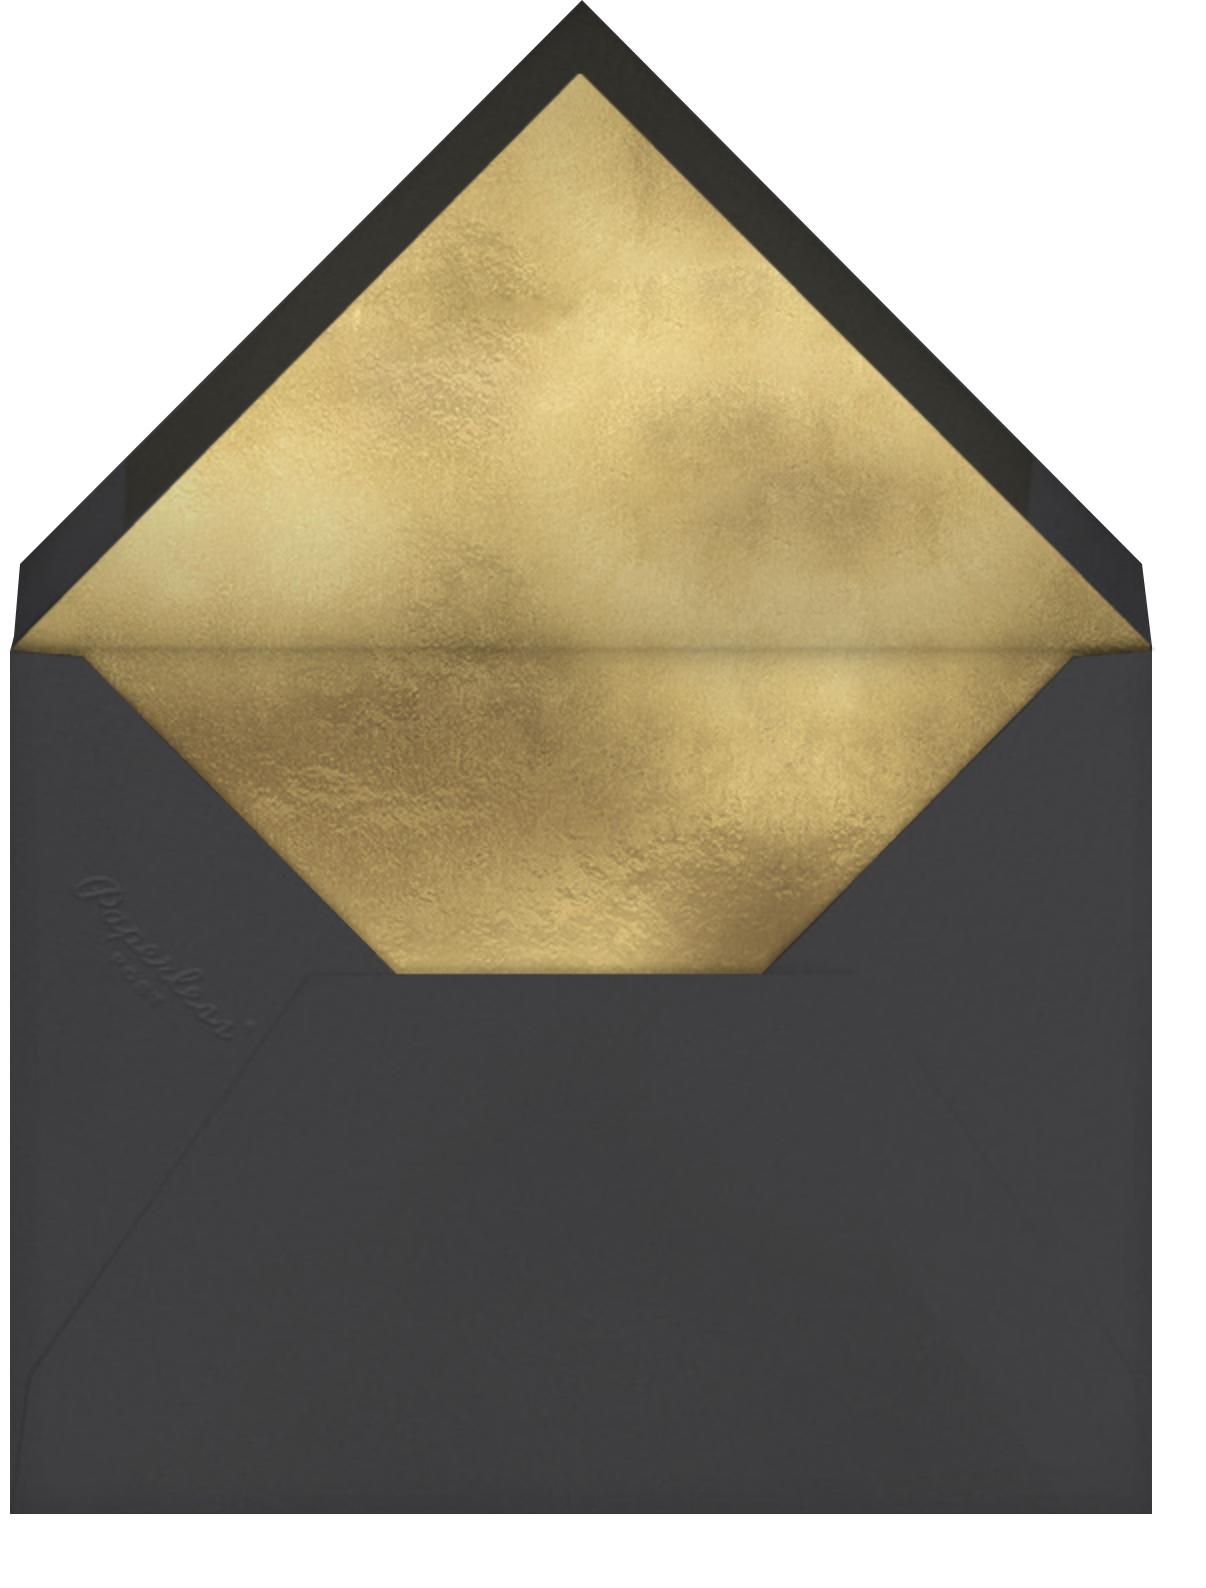 Miramar - Jonathan Adler - Adult birthday - envelope back